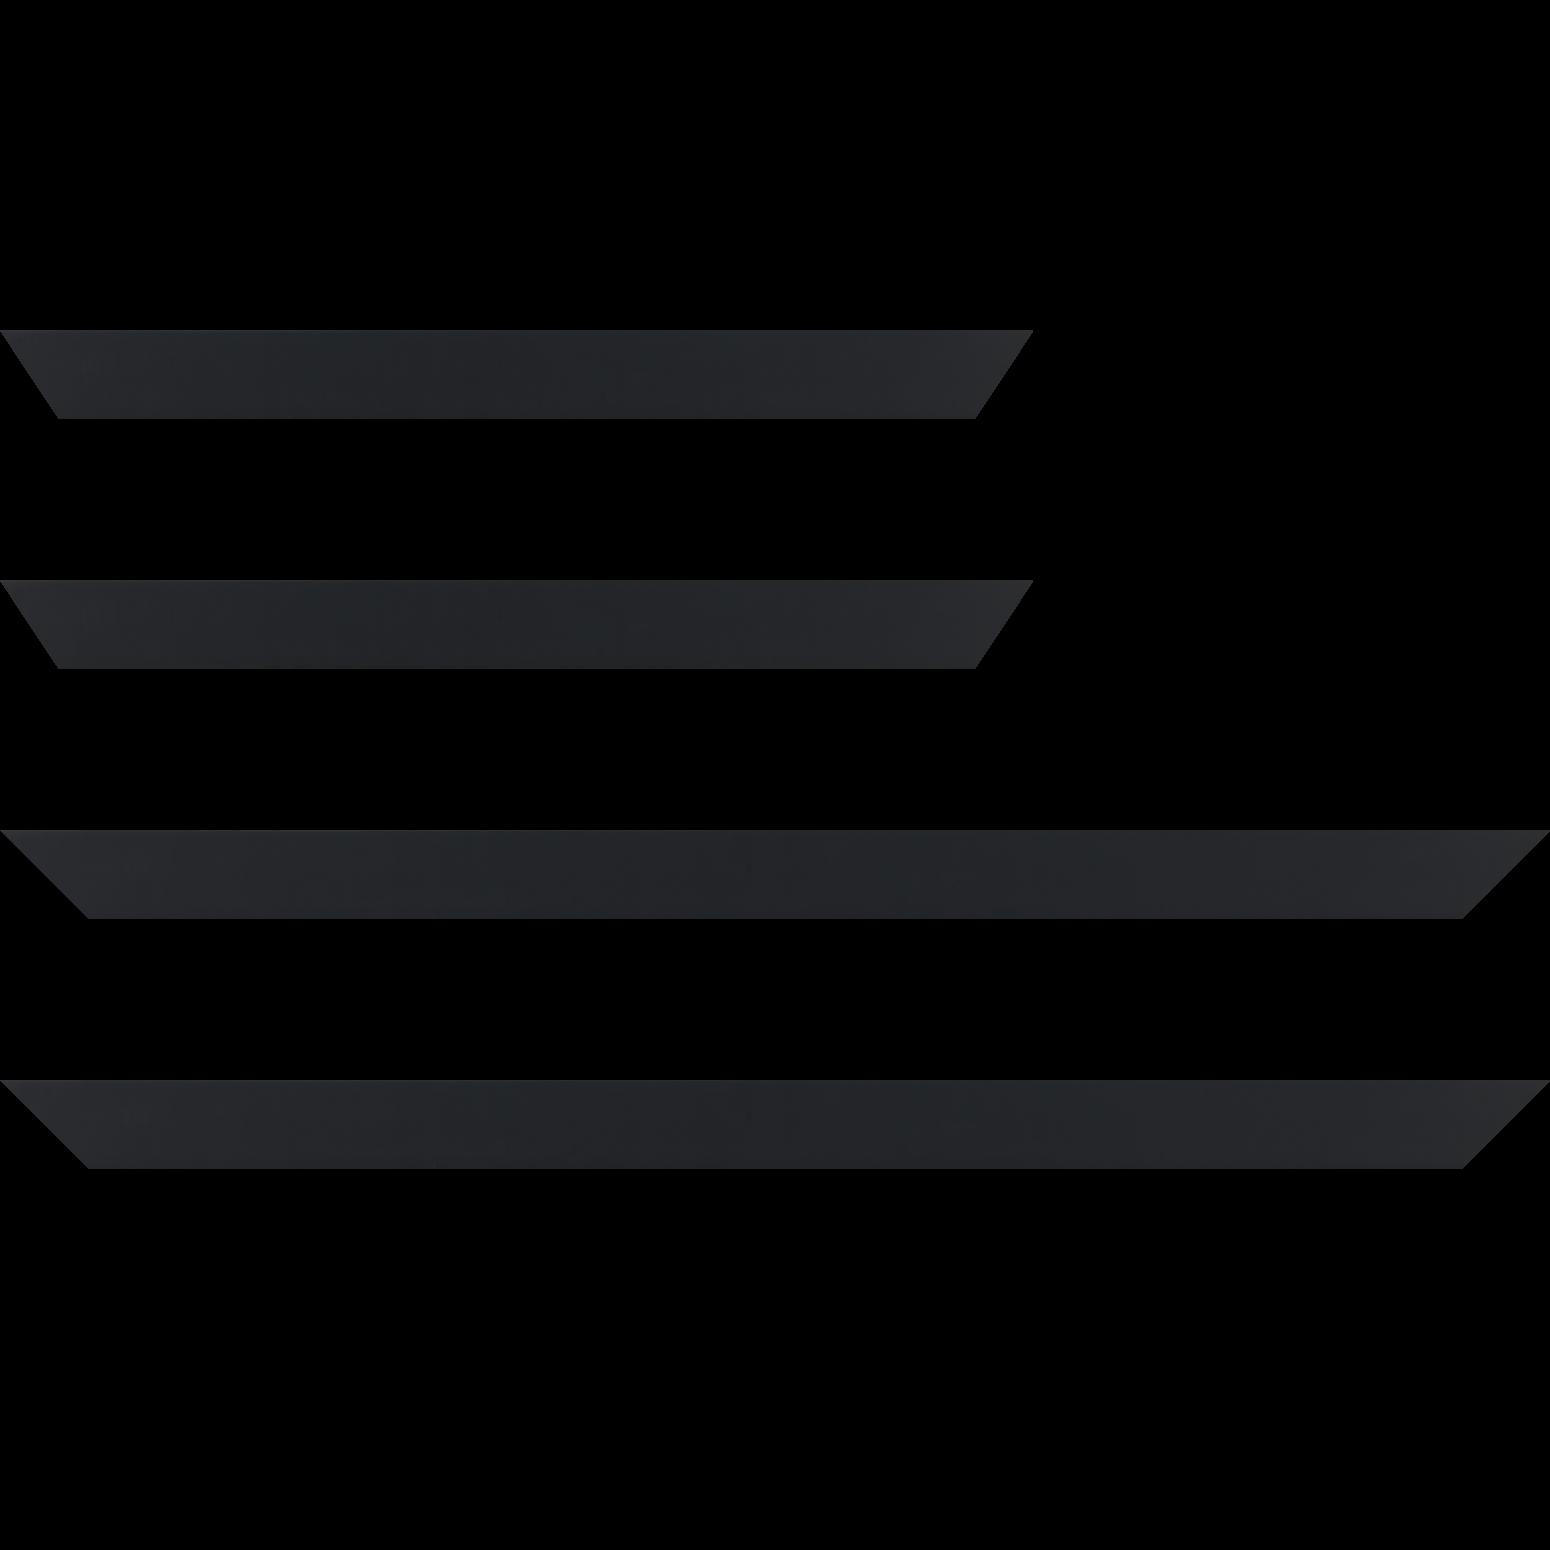 Baguette service précoupé Bois profil plat largeur 3cm couleur noir mat finition pore bouché effet cube (le sujet qui sera glissé dans le cadre sera en retrait de la face du cadre de 1.4cm assurant un effet très contemporain)